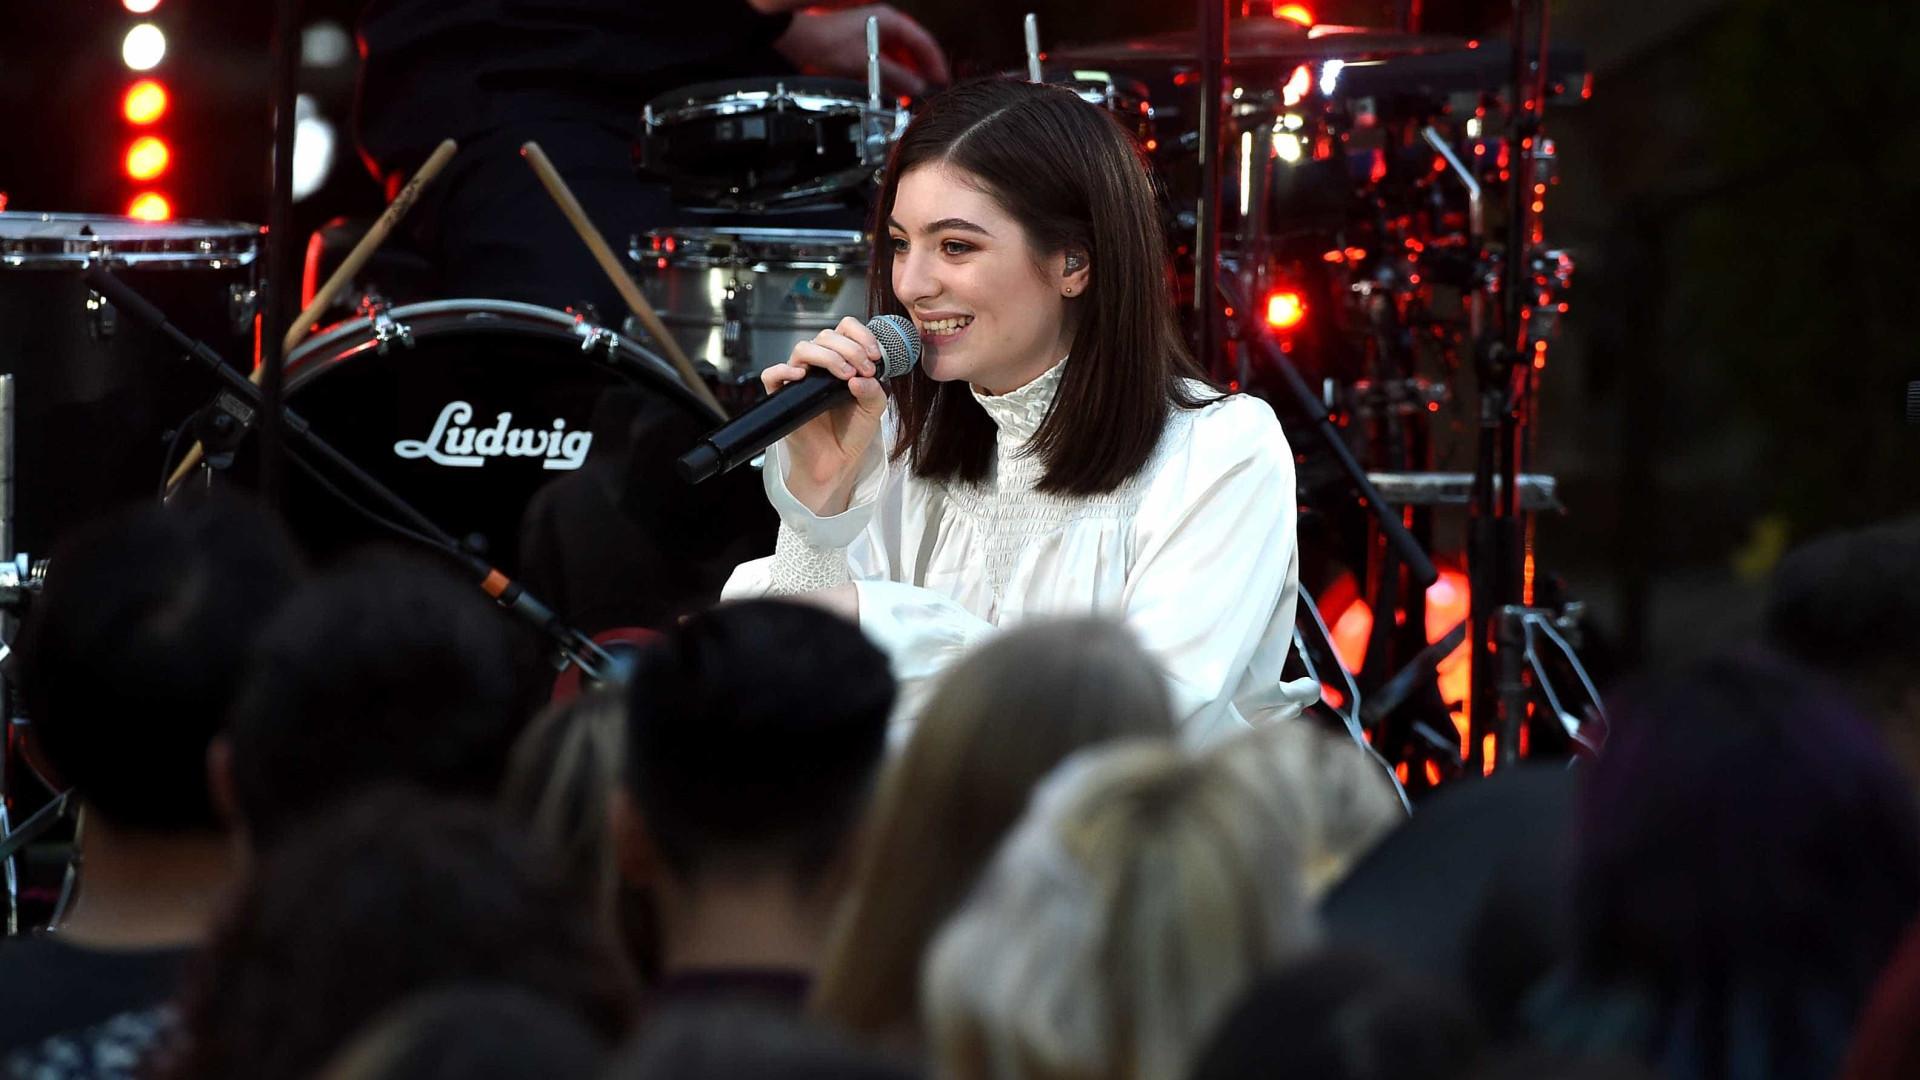 Lorde anteviu os escândalos sexuais que assombraram Hollywood?